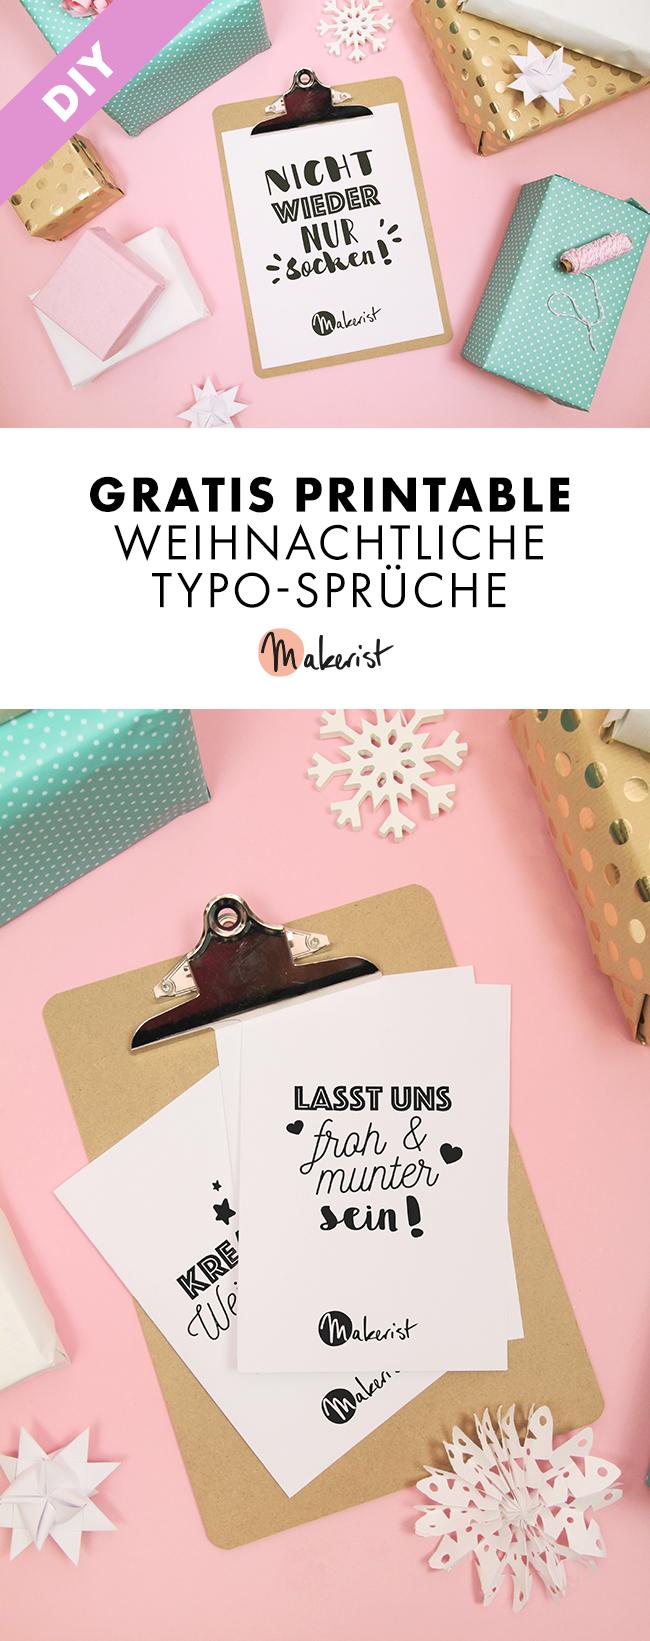 Makerist-Gratis-Printable-für-Weihnachtskarten-Typo-Sprüche-Pin-1